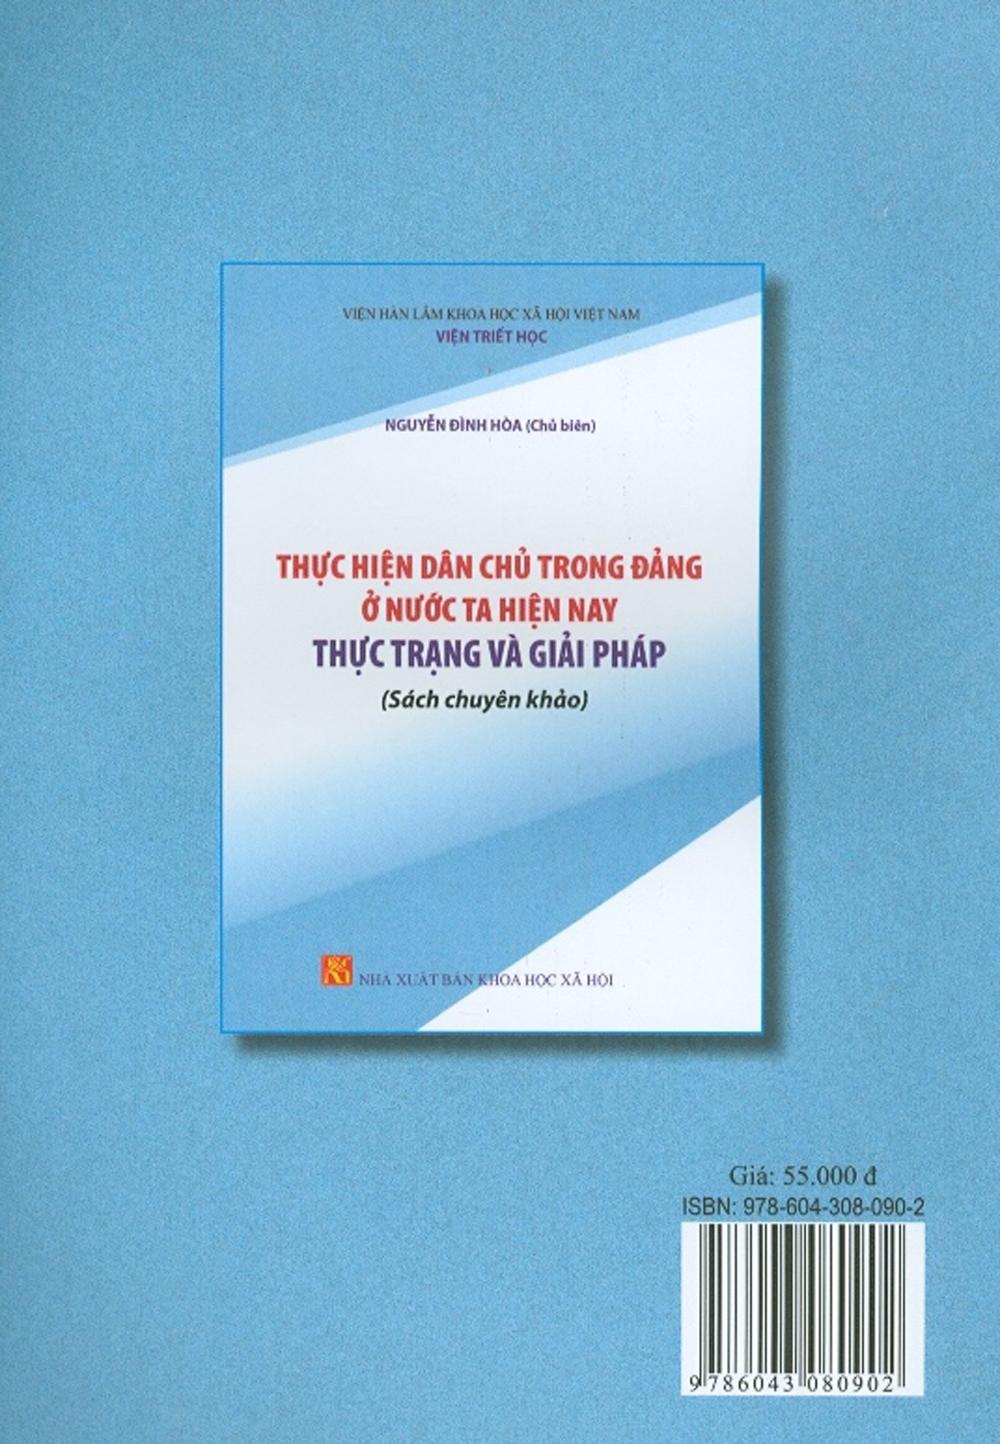 Thực Hiện Dân Chủ Trong Đảng Ở Nước Ta Hiện Nay - Thực Trạng Và Giải Pháp (Sách Chuyên Khảo)